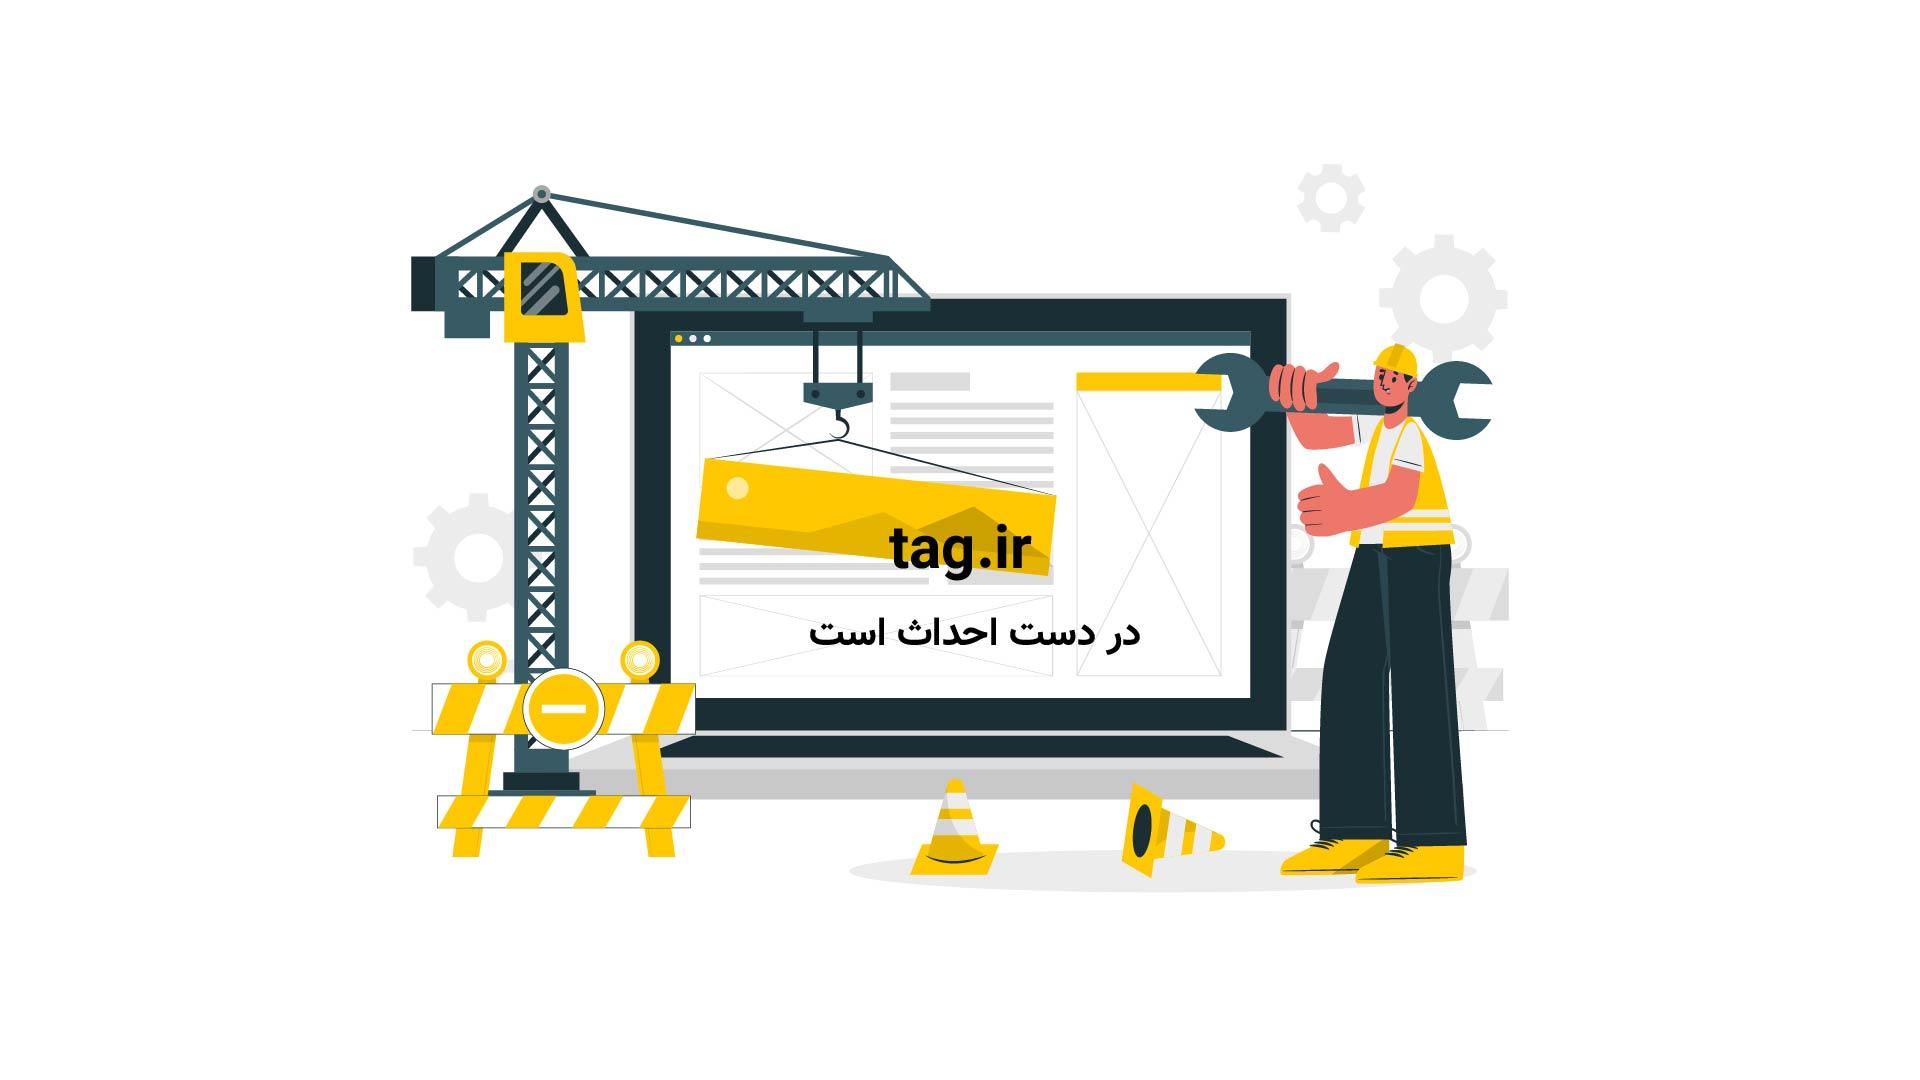 ساخت تابلو با مداد شمعی | تگ